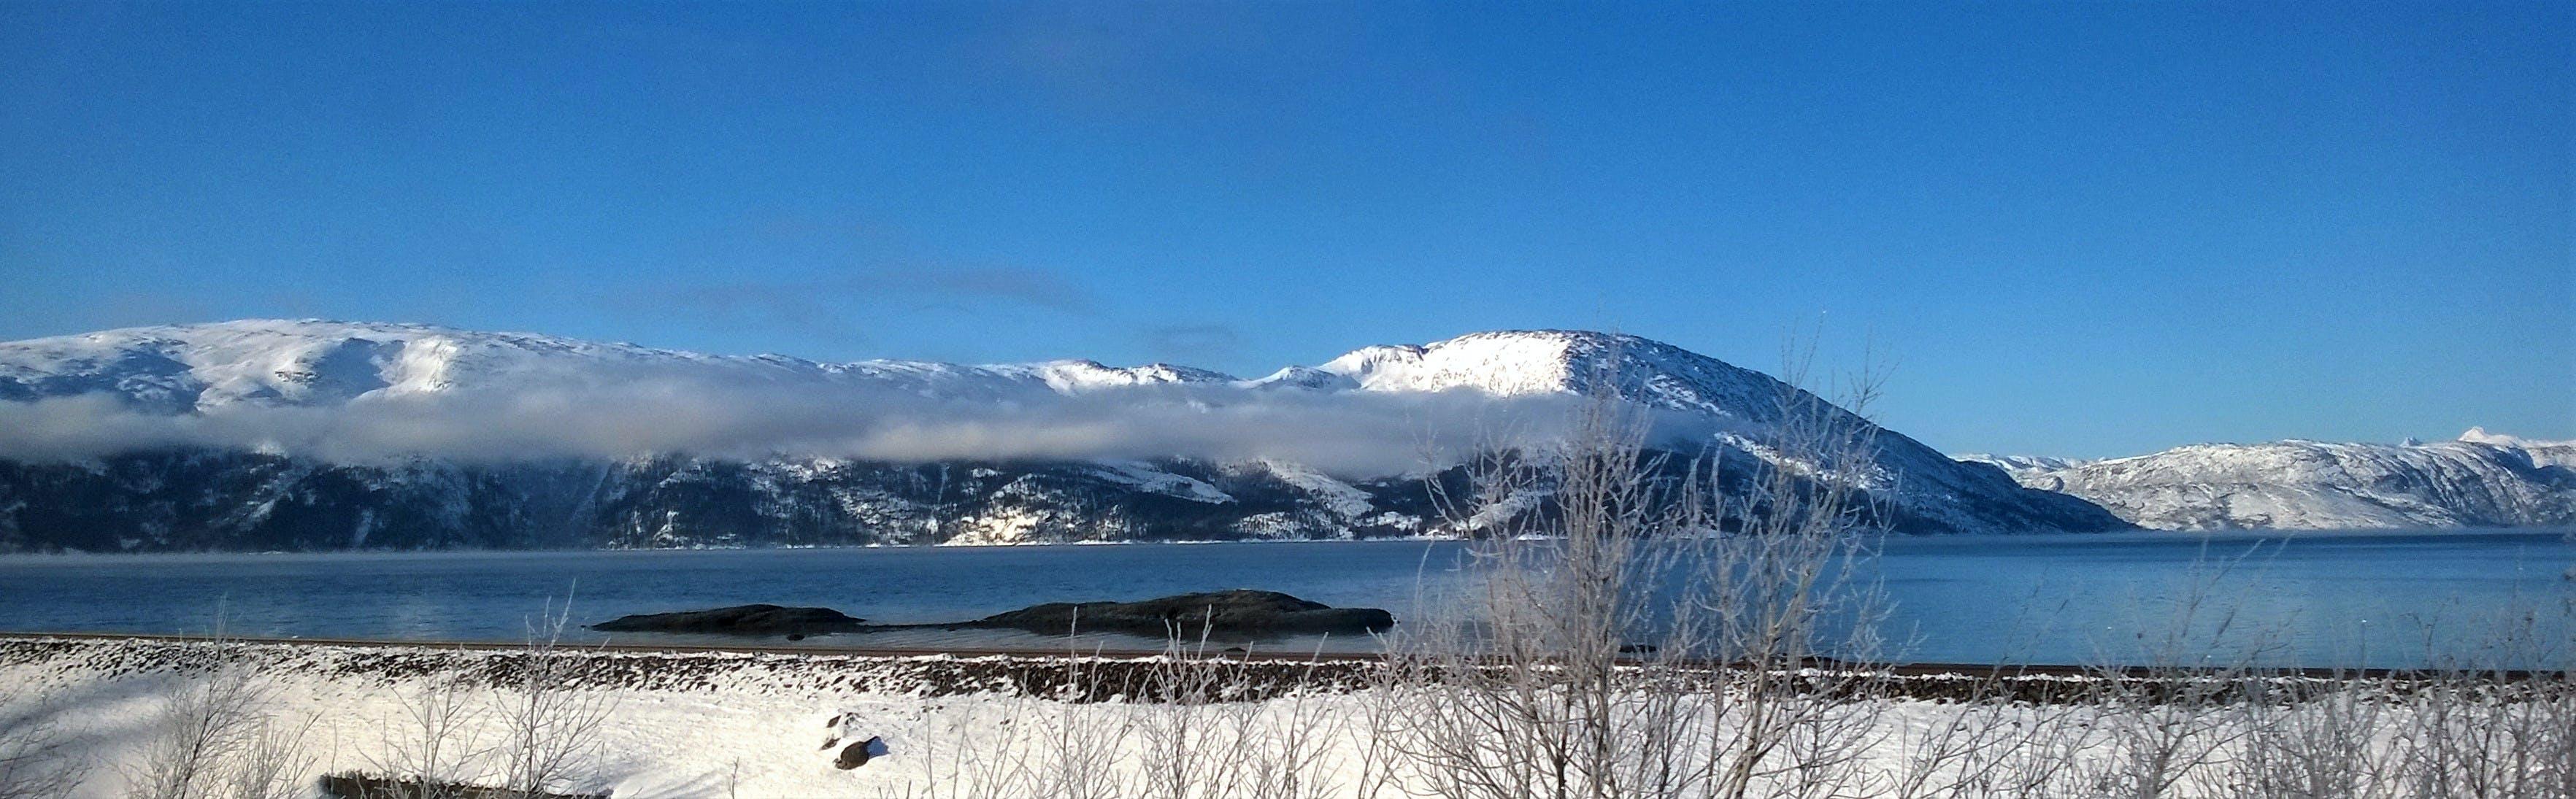 іній, блакитне небо, вершина гори